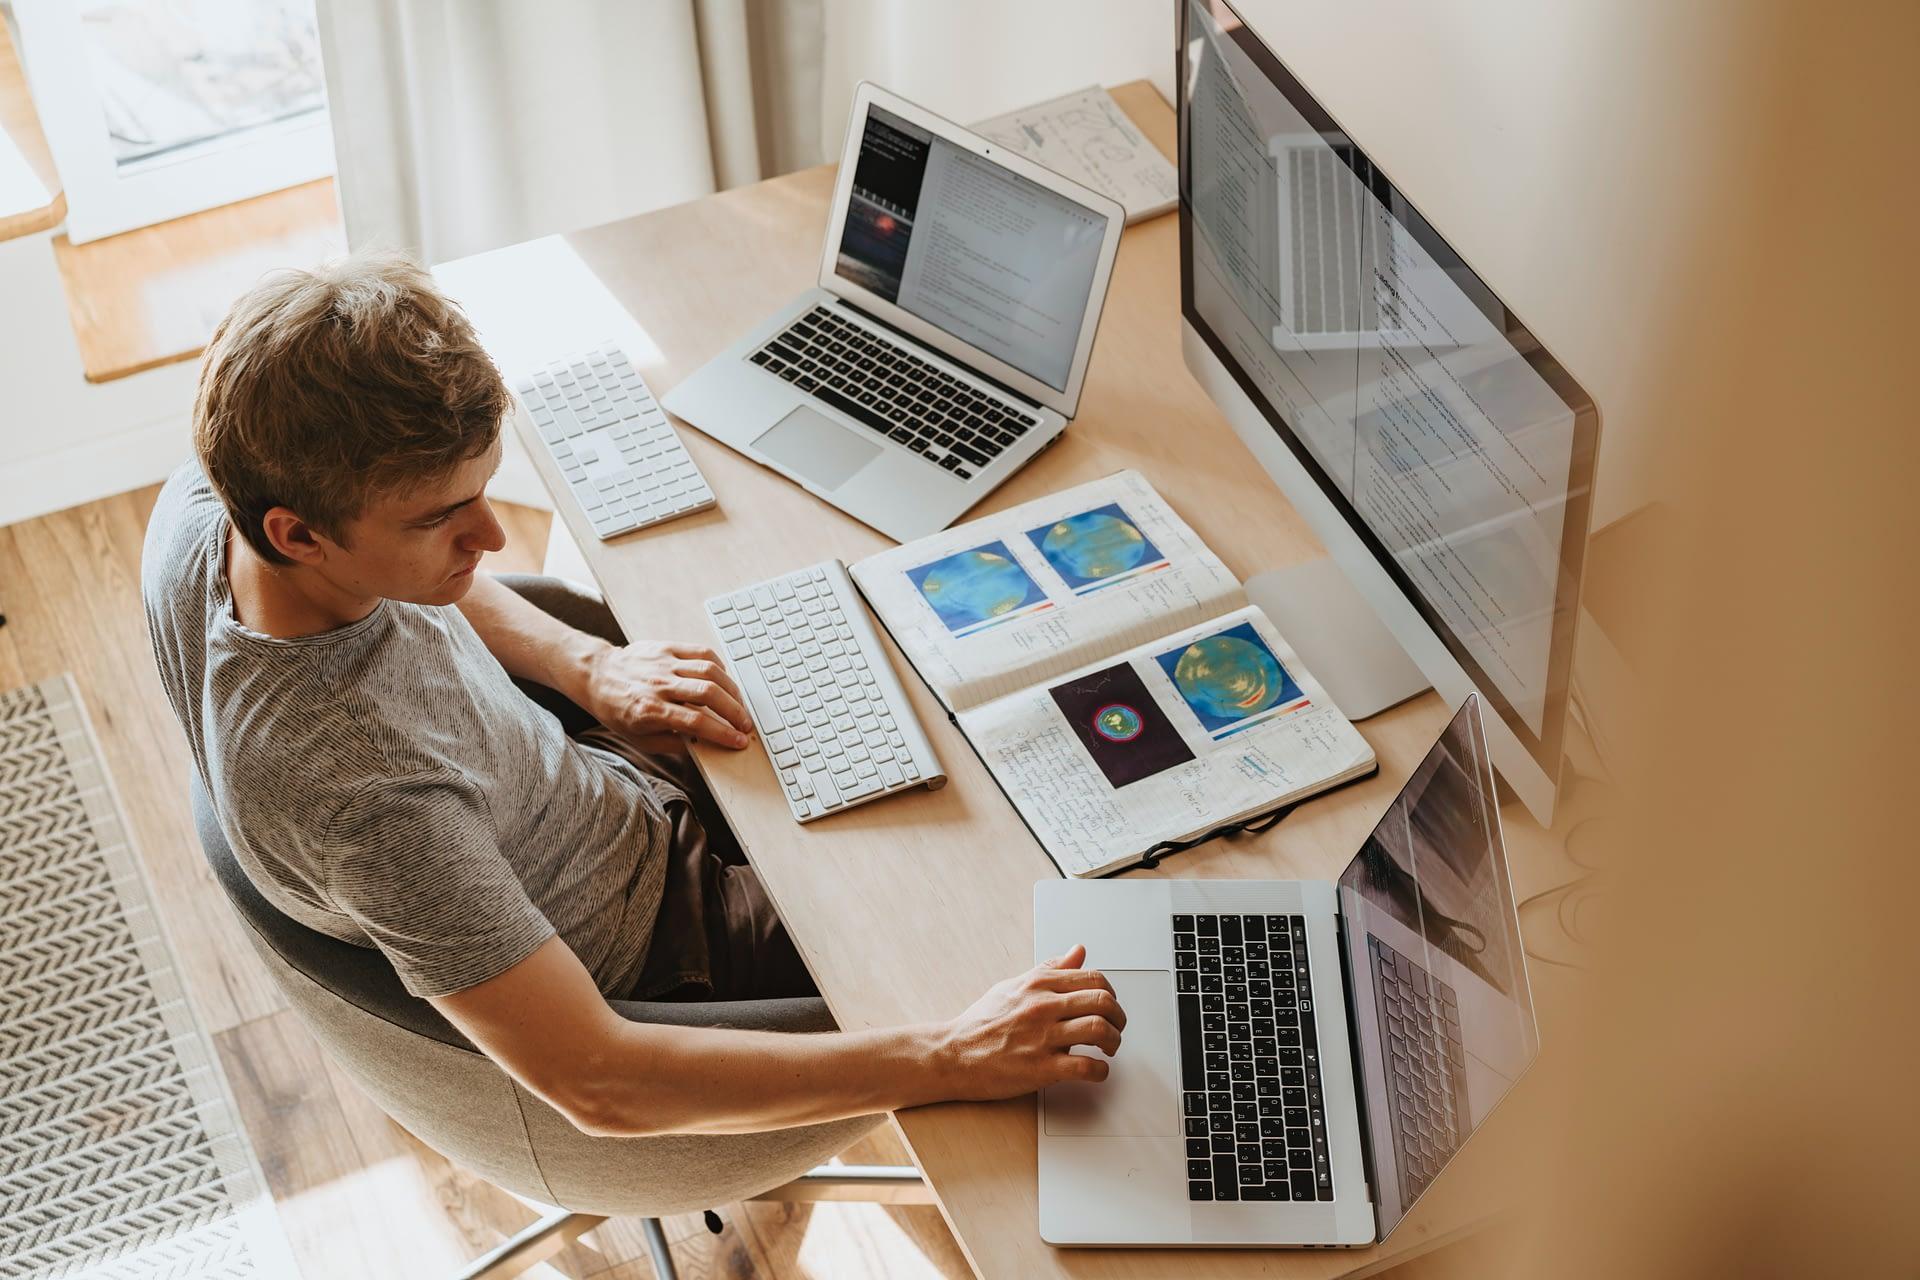 man sitting a desk